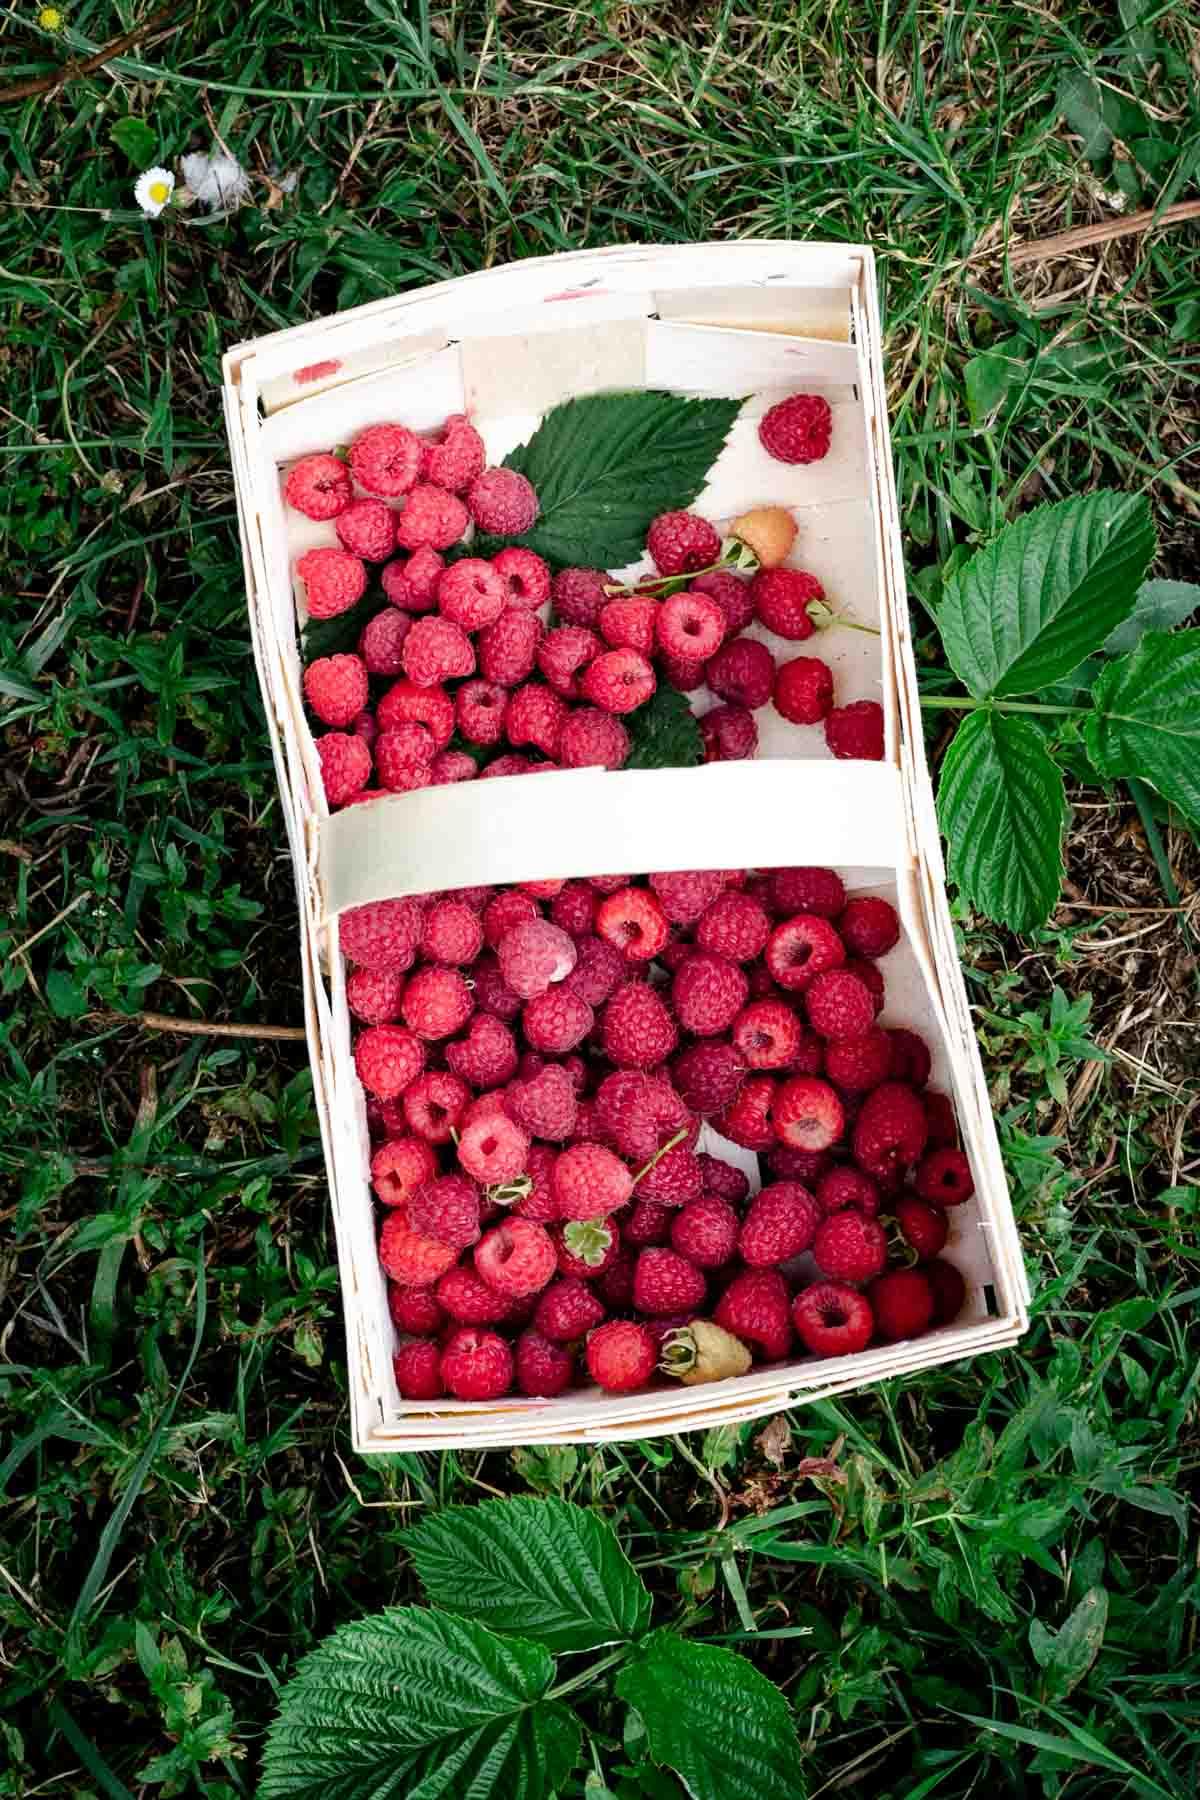 Basket with freshly picked raspberries #summerberries #raspberries | via @annabanana.co